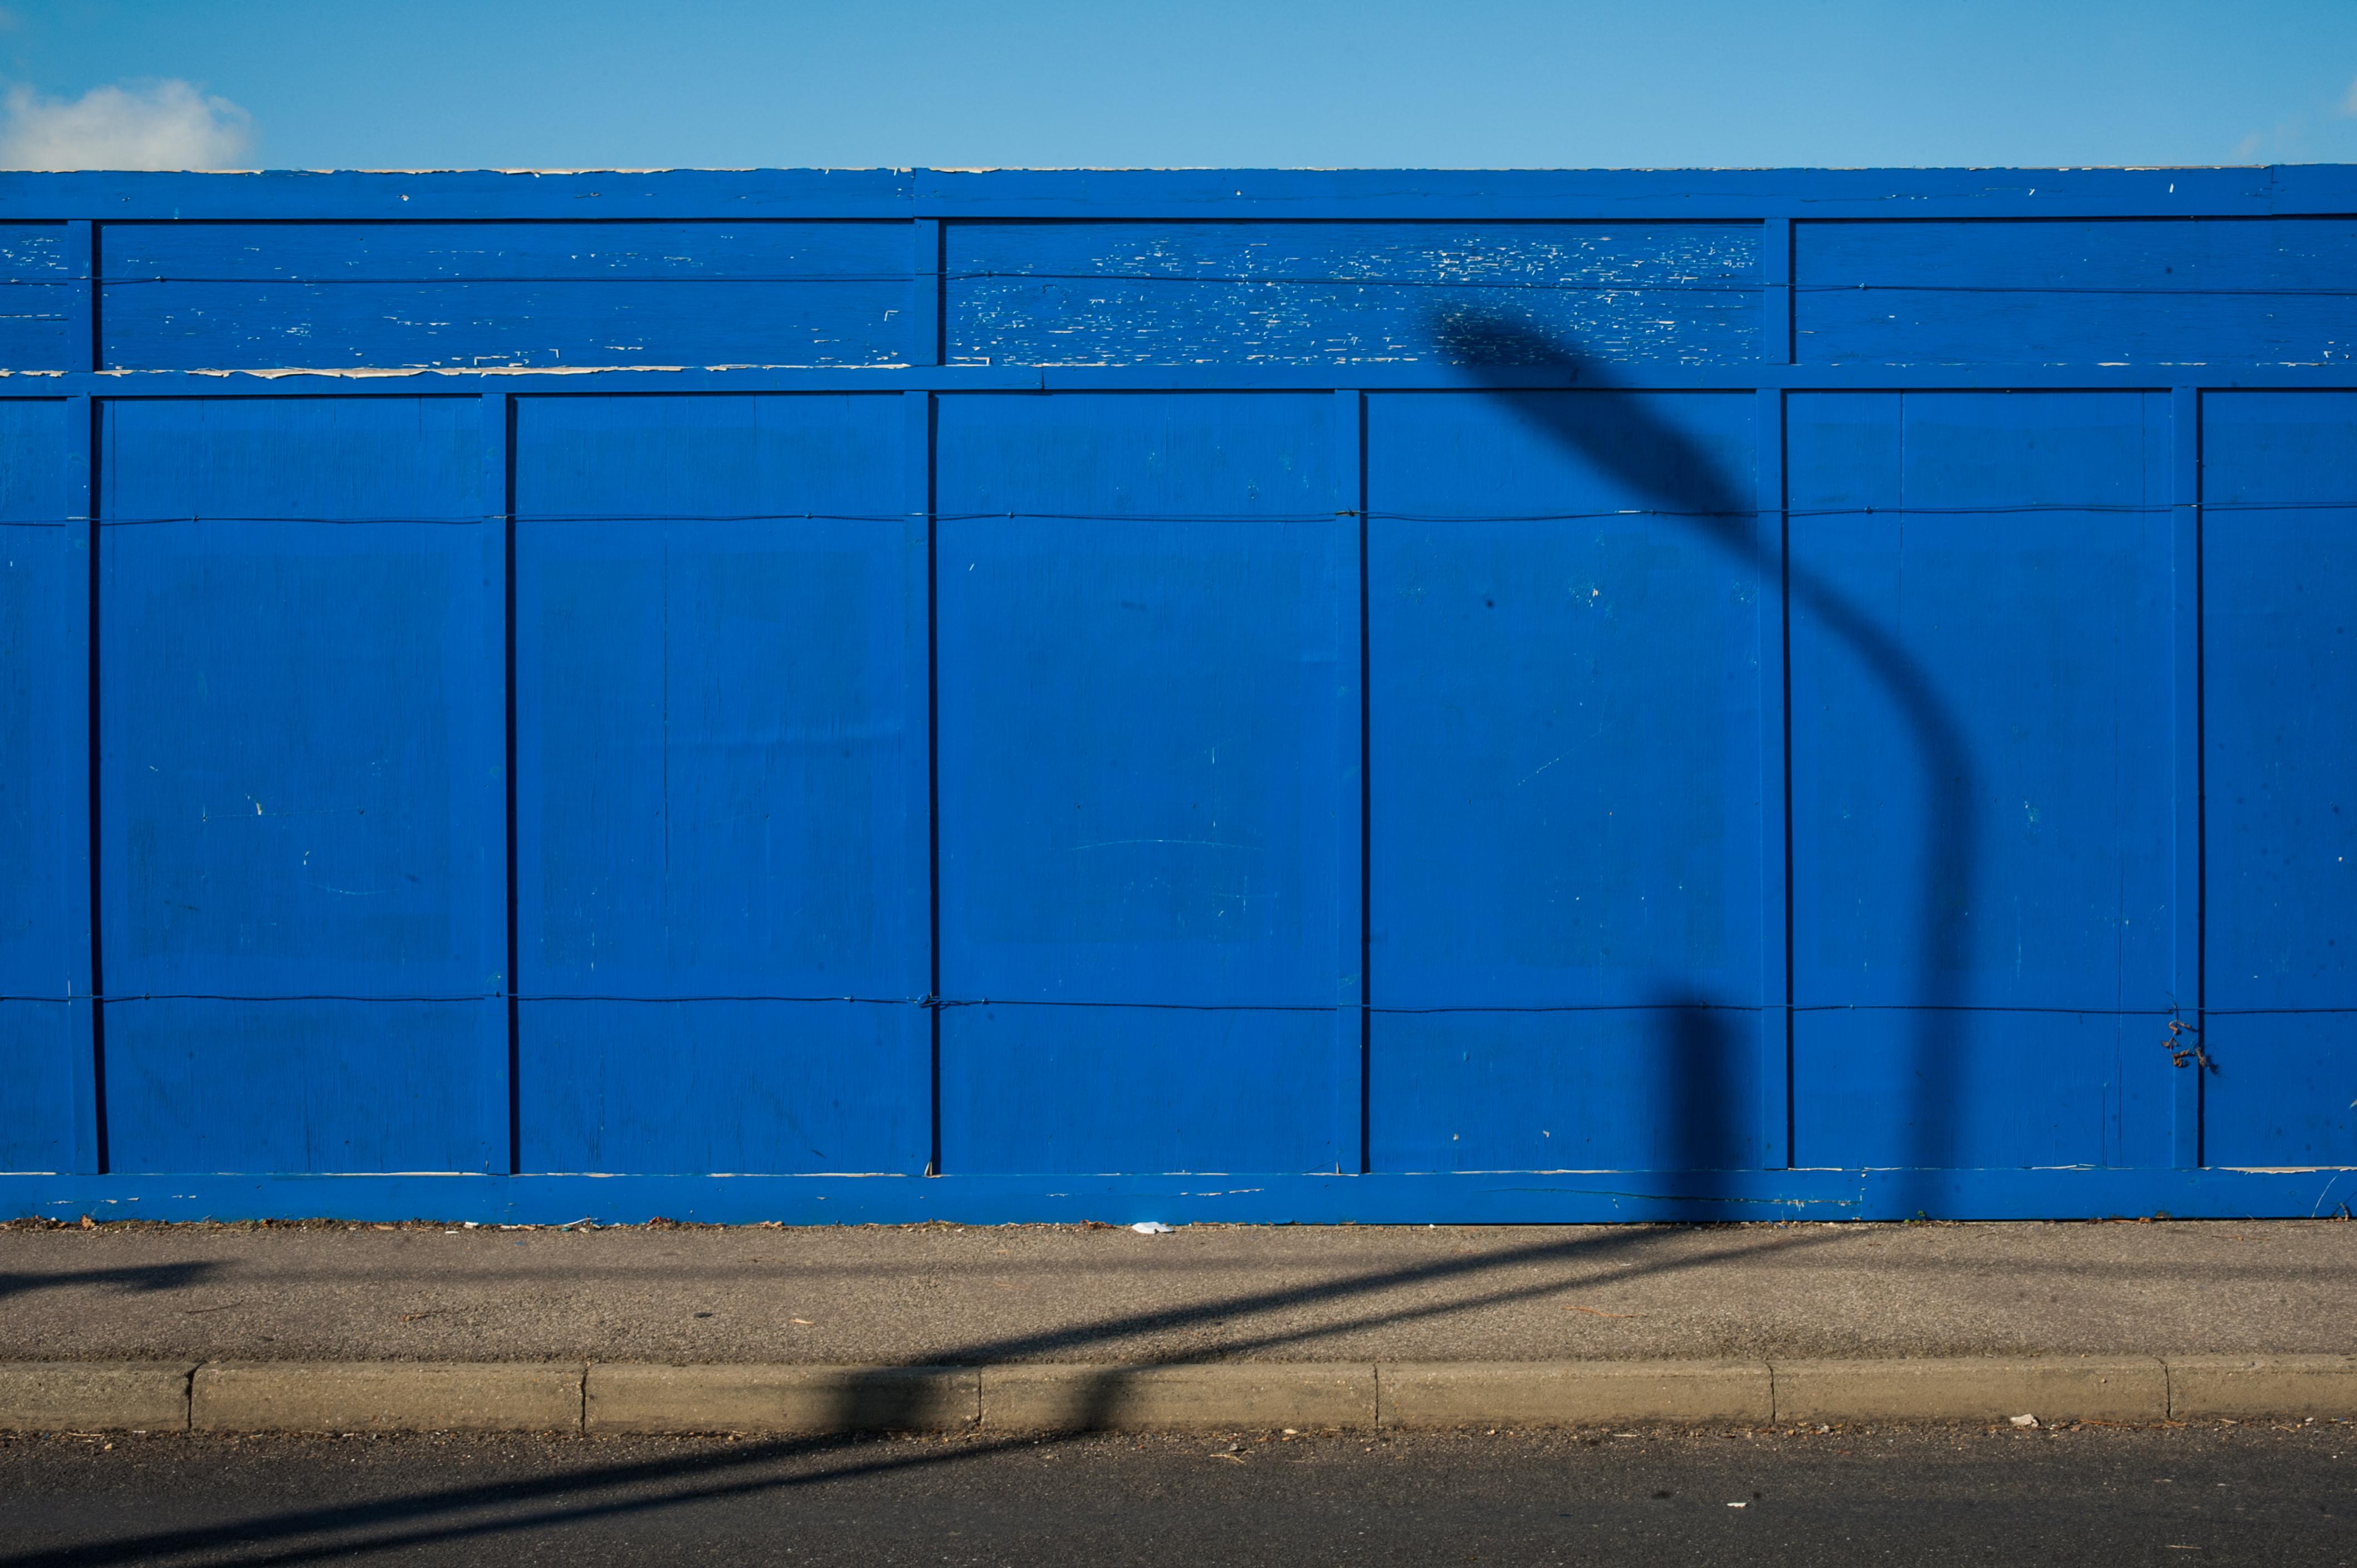 Hintergrundbilder : abstrakt, Minimalismus, Fahrzeug, Mauer, blau ...